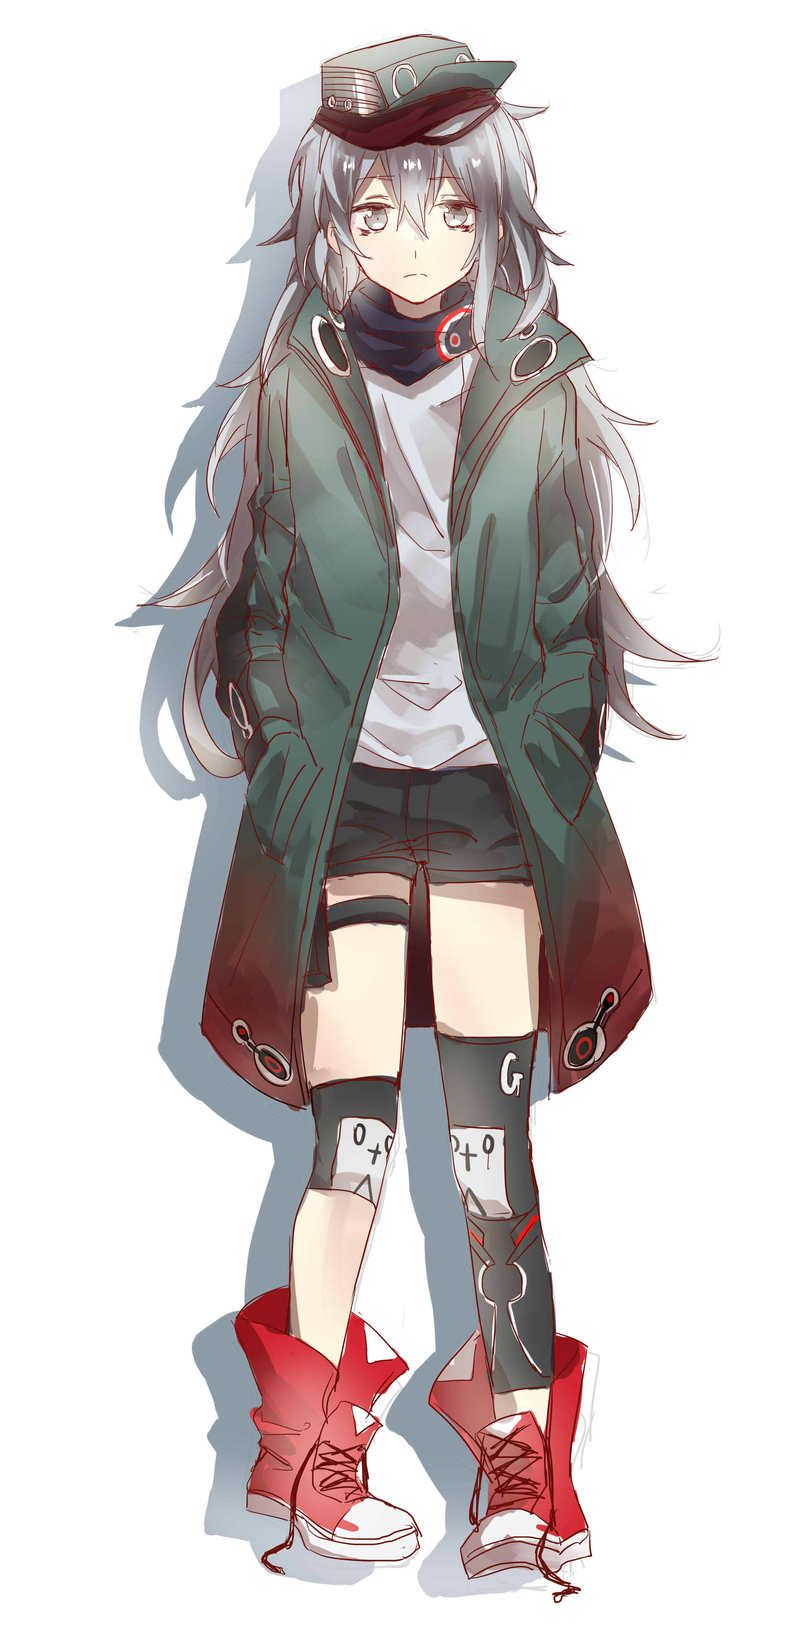 Manga Tomboy Outfits Pin on Anime Gi...